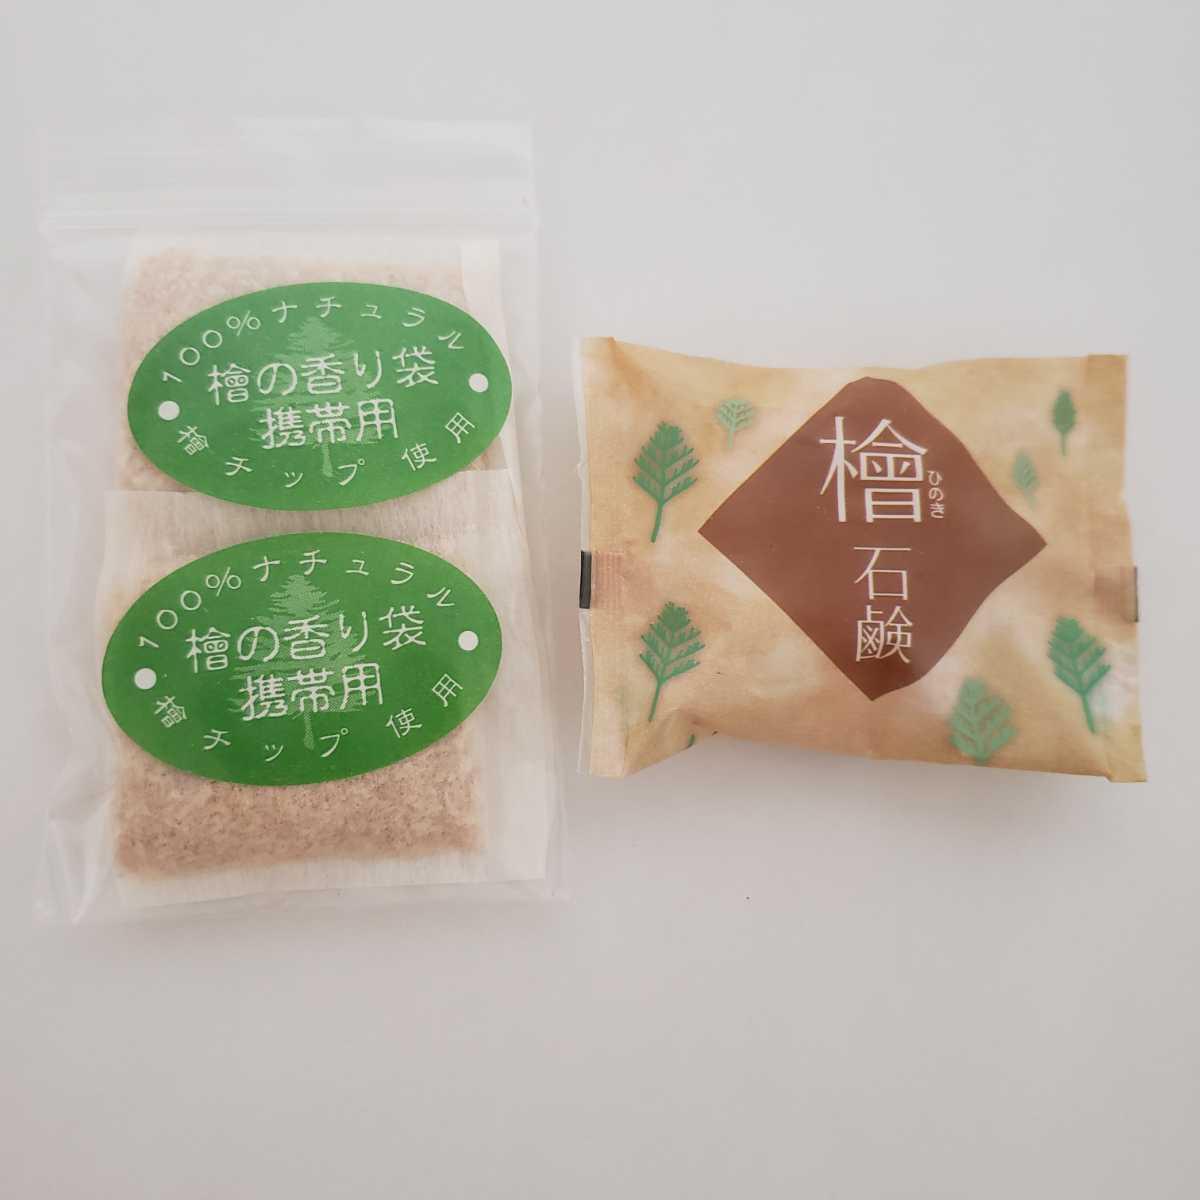 新品 檜 ヒノキ 檜の香り袋 檜チップ 化粧石鹸 30g ヒノキ石鹸 檜石鹸 固形 石けん